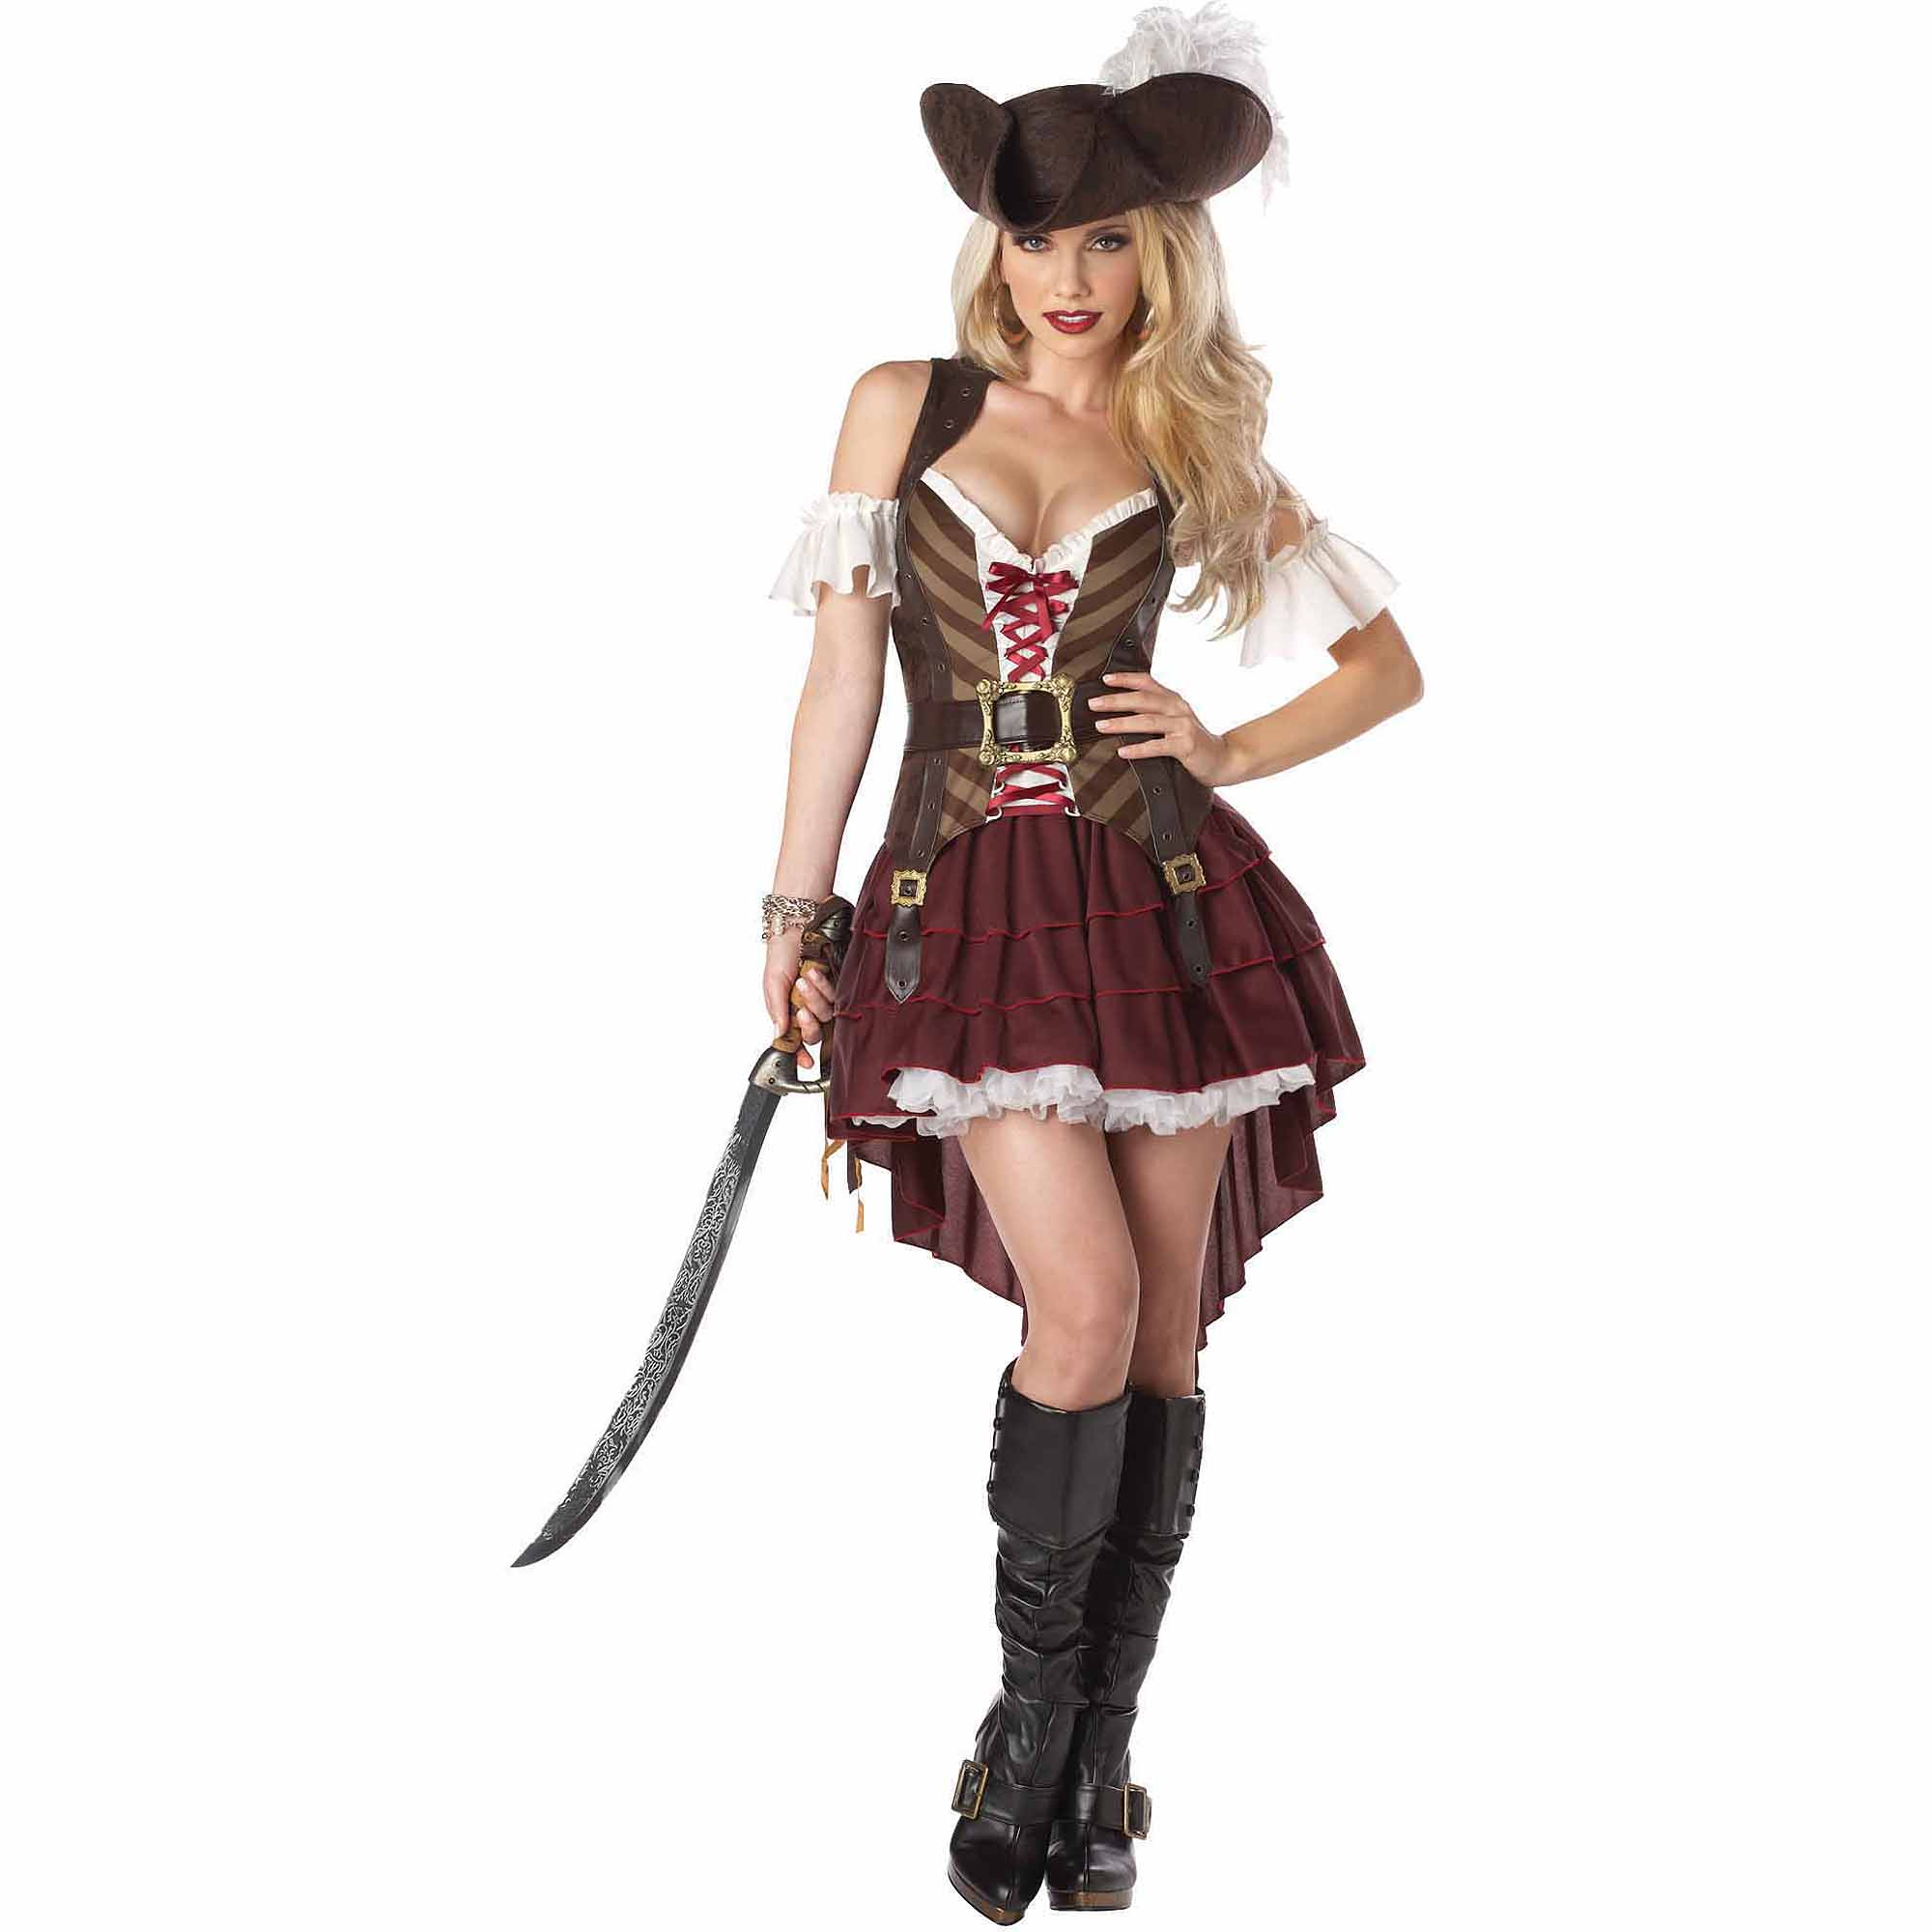 Swashbuckler Adult Halloween Costume